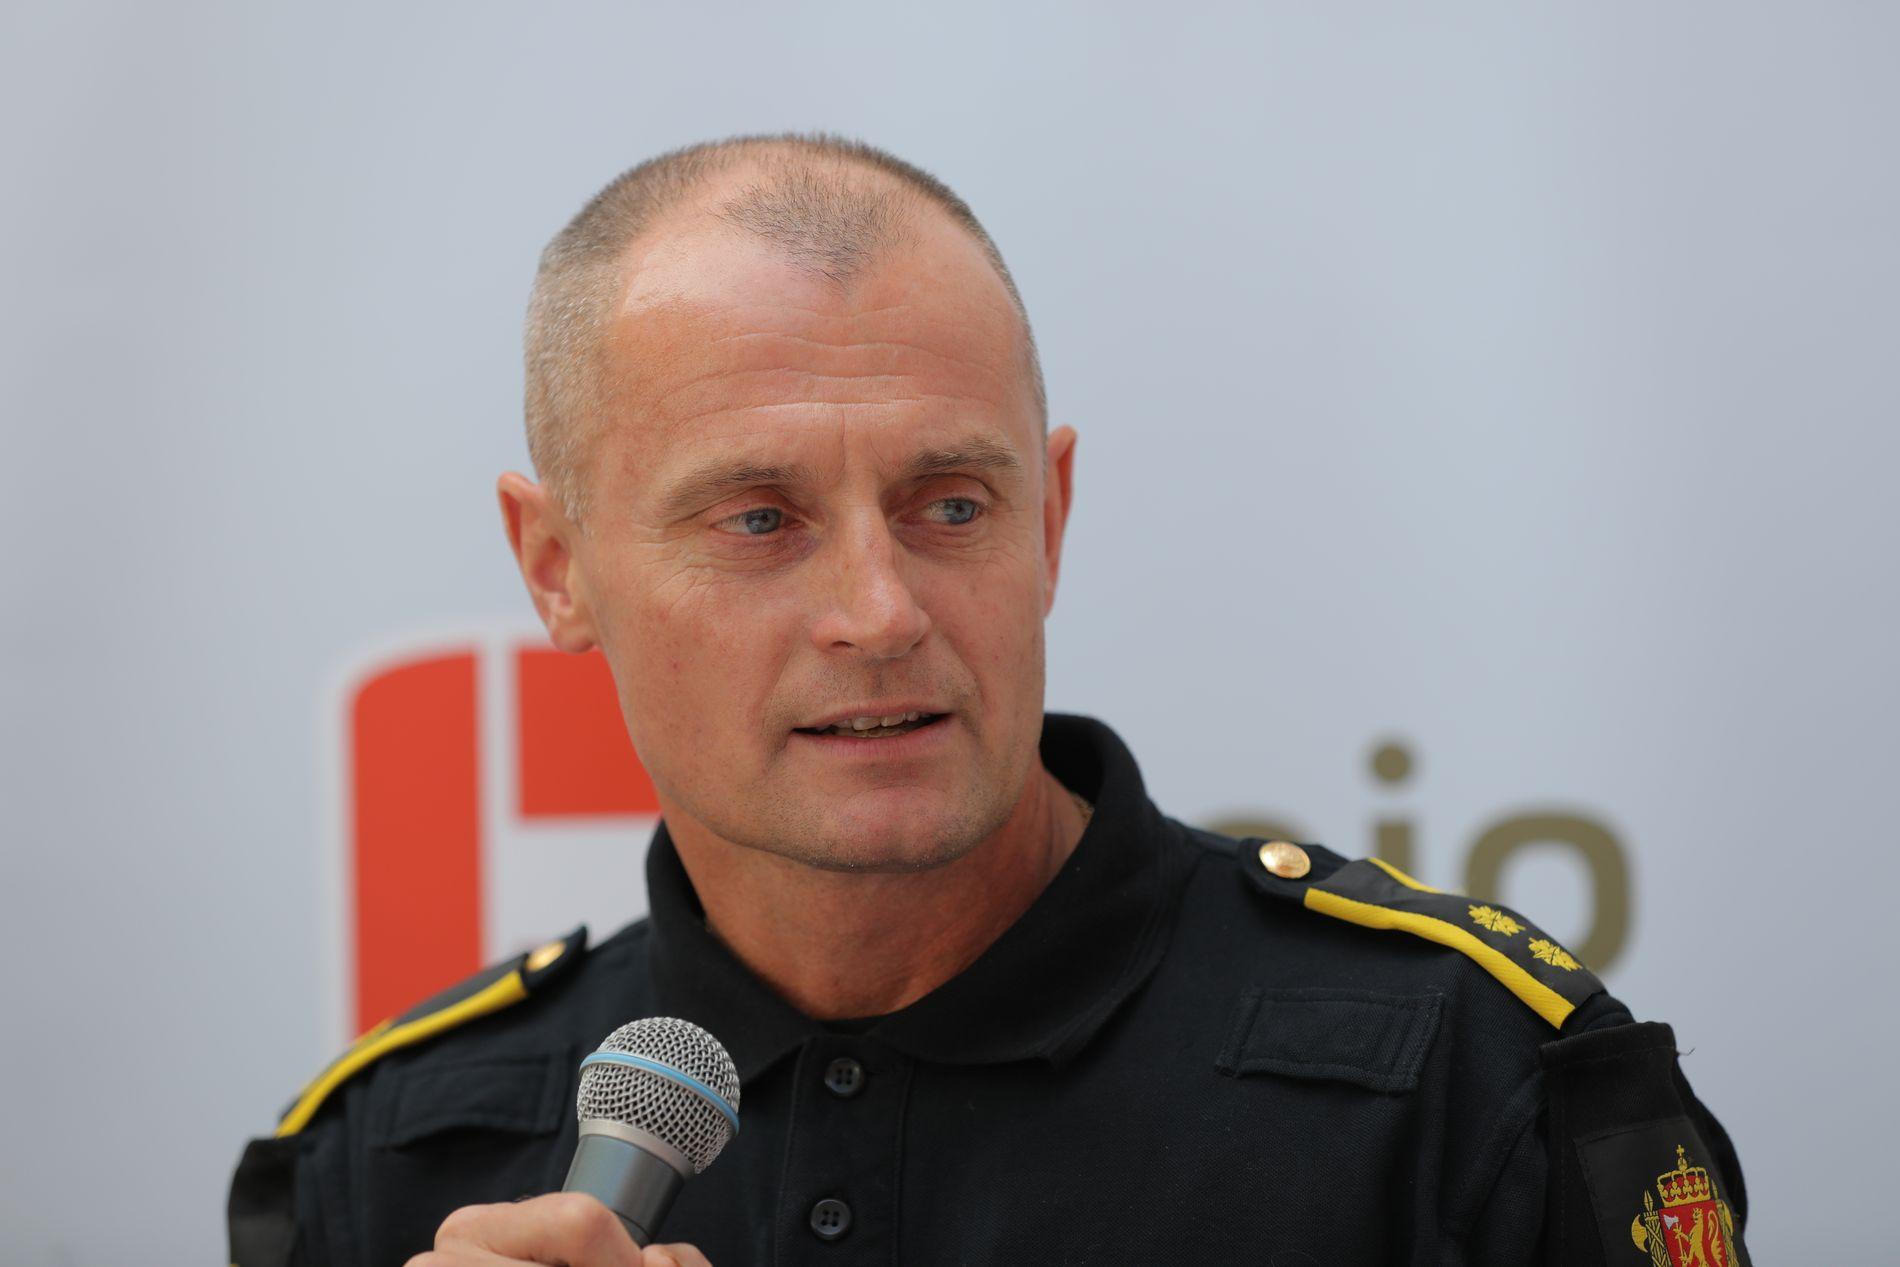 TAR PAUSE: Etter 29 år i politiet tar Arne Guddal permisjon, i frustrasjon over situasjonen slik han opplever den etter politireformen.